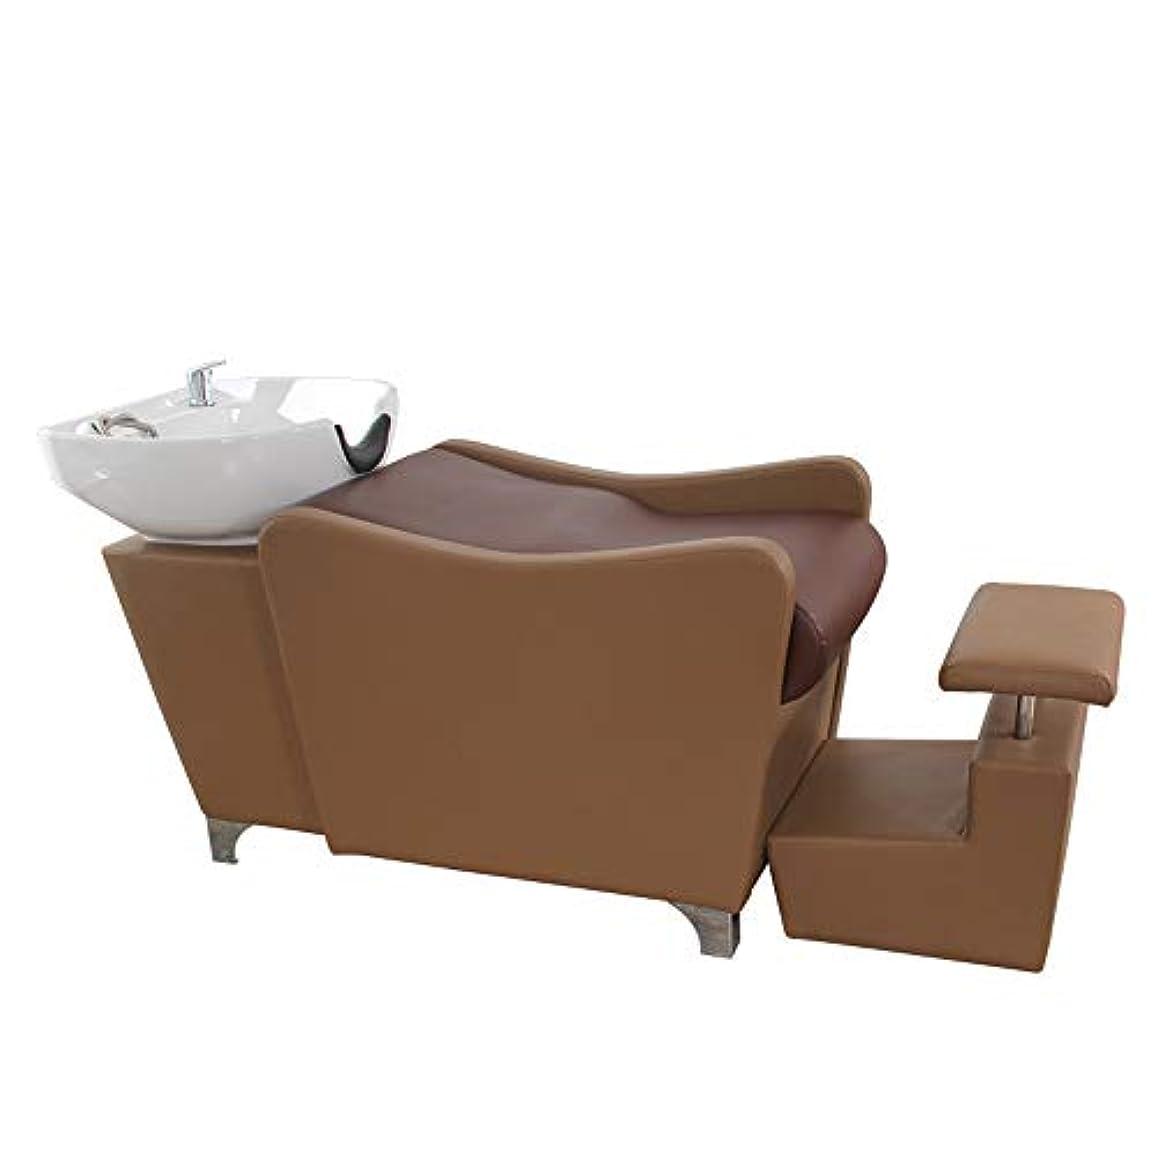 低い妨げるアルプスシャンプーチェア、理髪店の逆洗ユニットシャンプーボウル理髪シンクの椅子用スパ美容院機器(ブラウン)